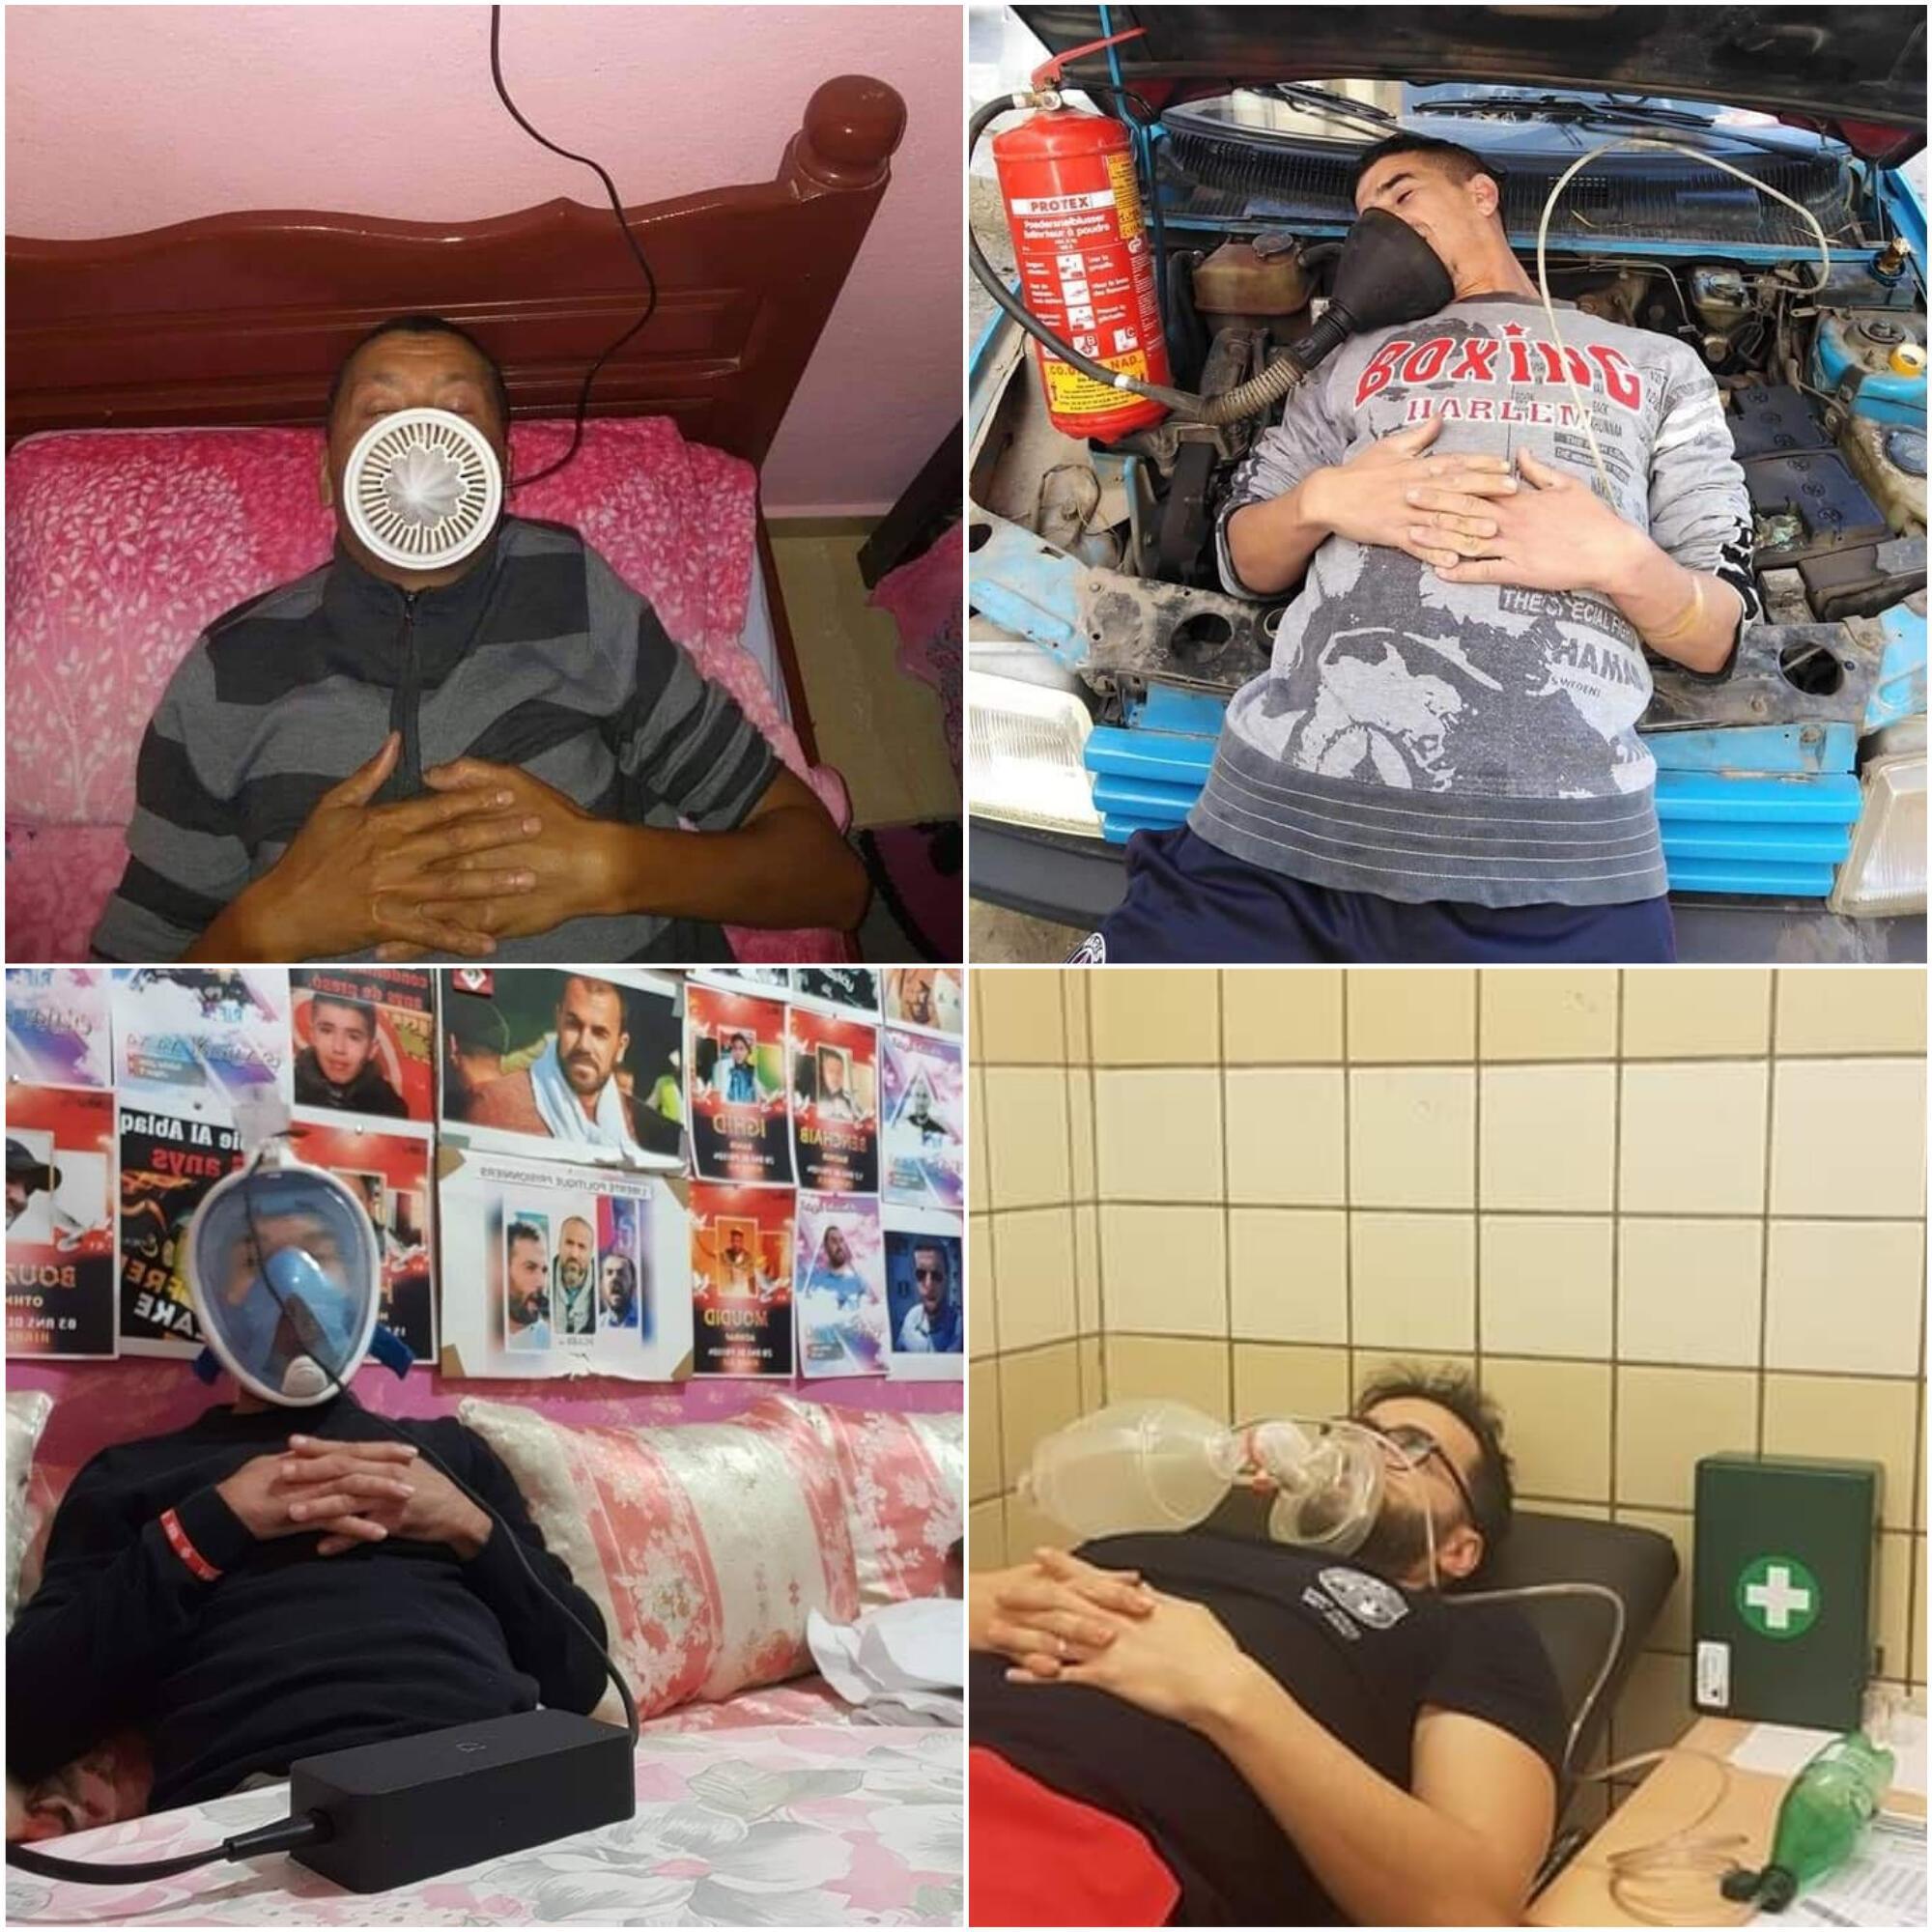 Les photos parodiques prises par les internautes dénonçant la mauvaise foi de la Délégation de l'administration des prisons